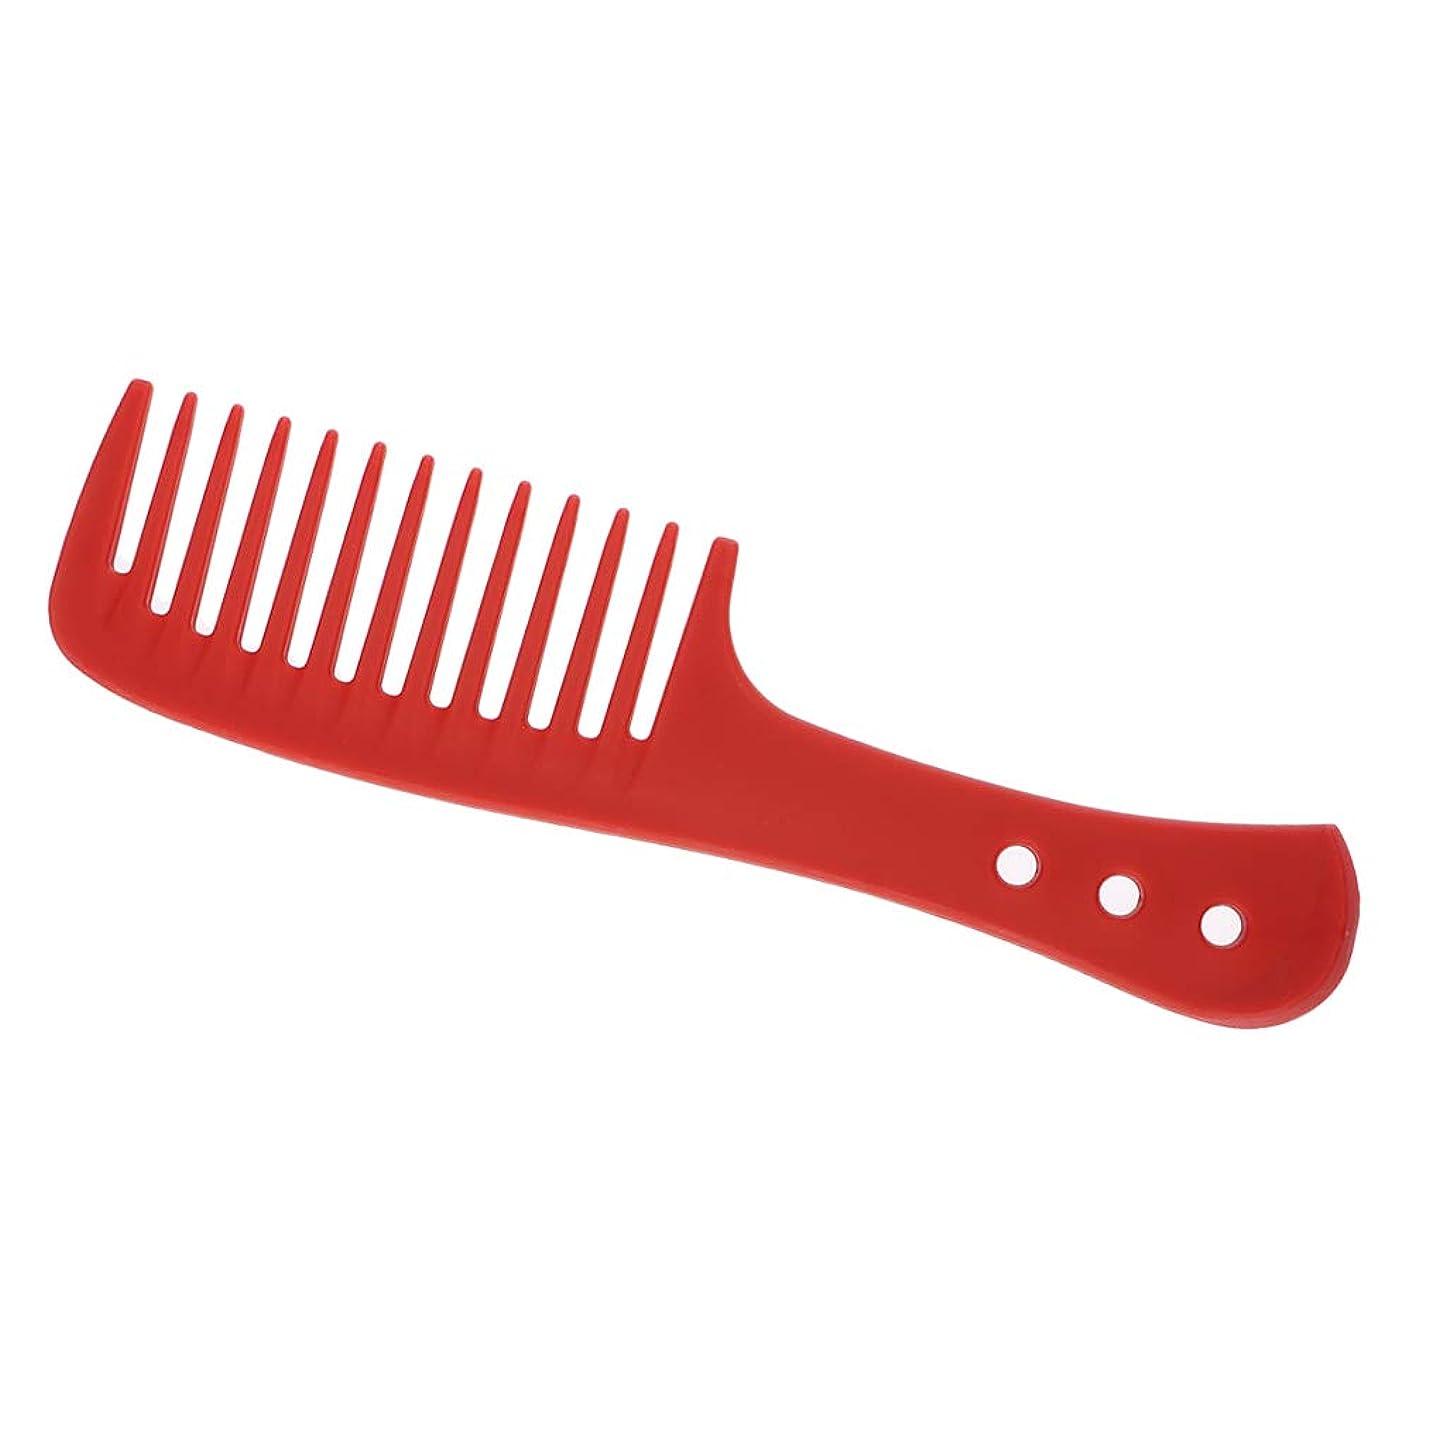 敬意を表してハントまろやかなPerfeclan 櫛 ヘアブラシ ヘアコーム 広い歯 耐久性 耐熱性 帯電防止 4色選べ - 赤